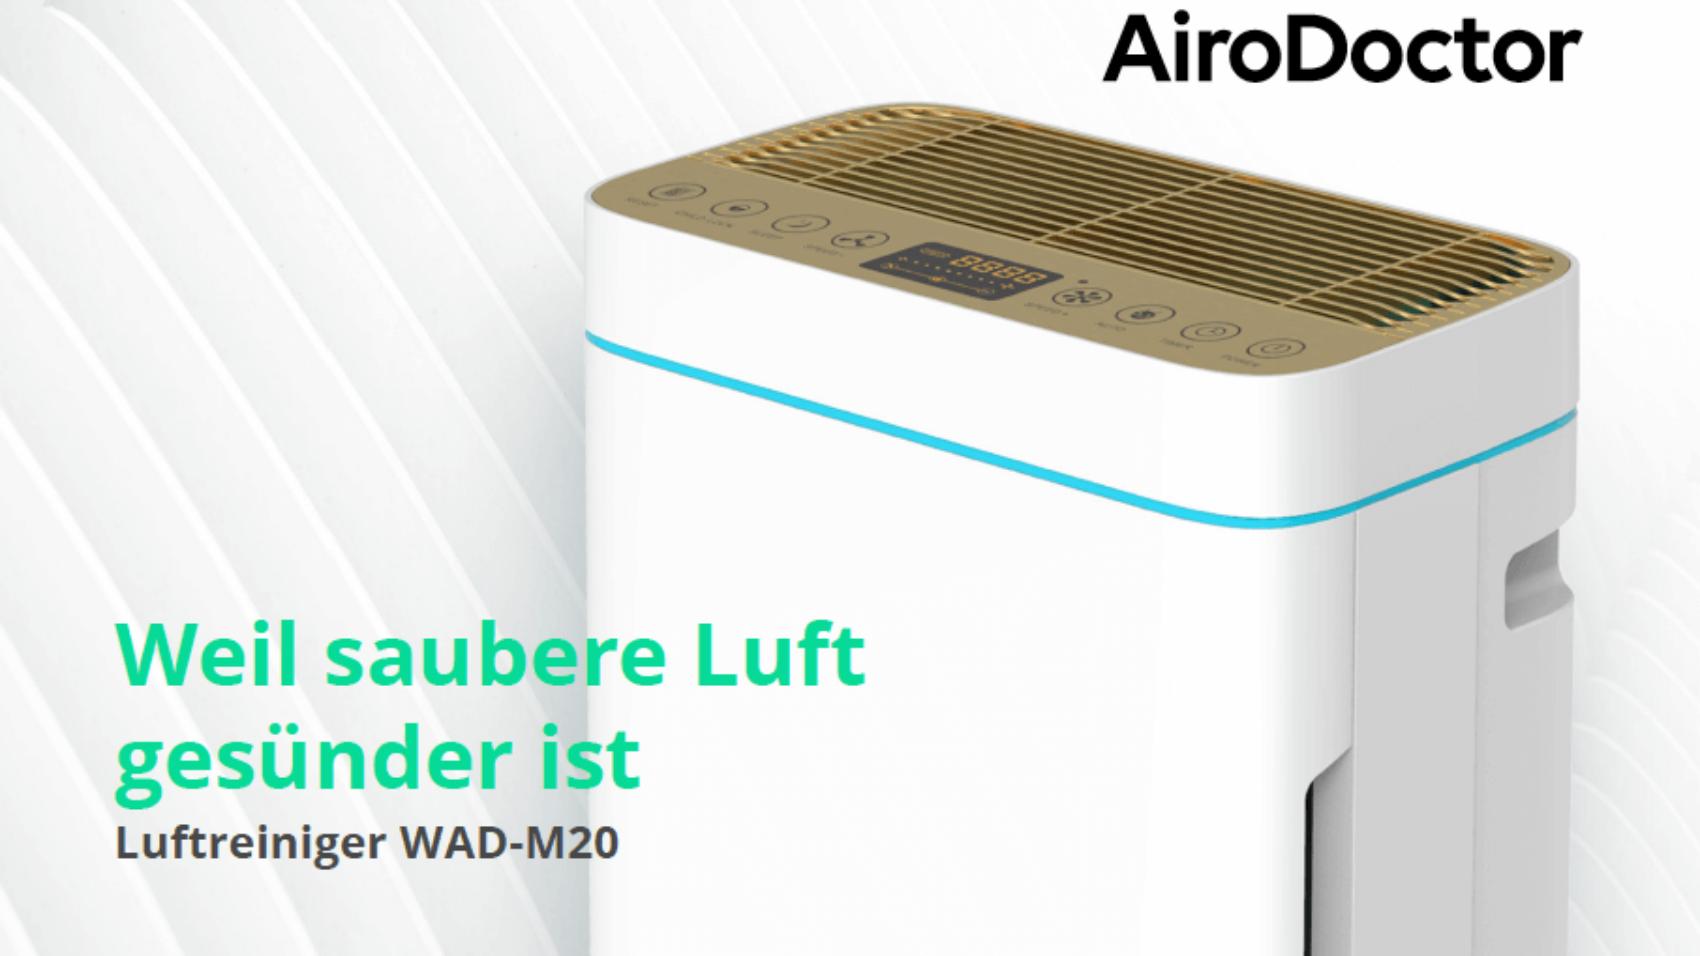 AiroDoctor, antiviraler Luftreiniger